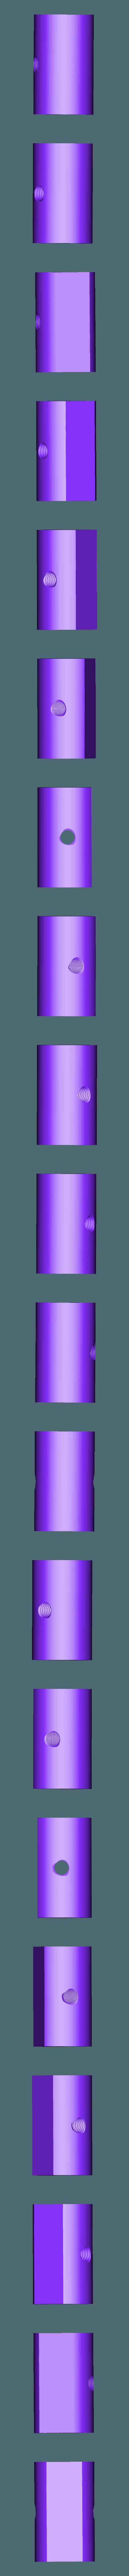 piviot_m3.stl Télécharger fichier STL gratuit Attache à libération rapide • Modèle imprimable en 3D, Punisher_4u